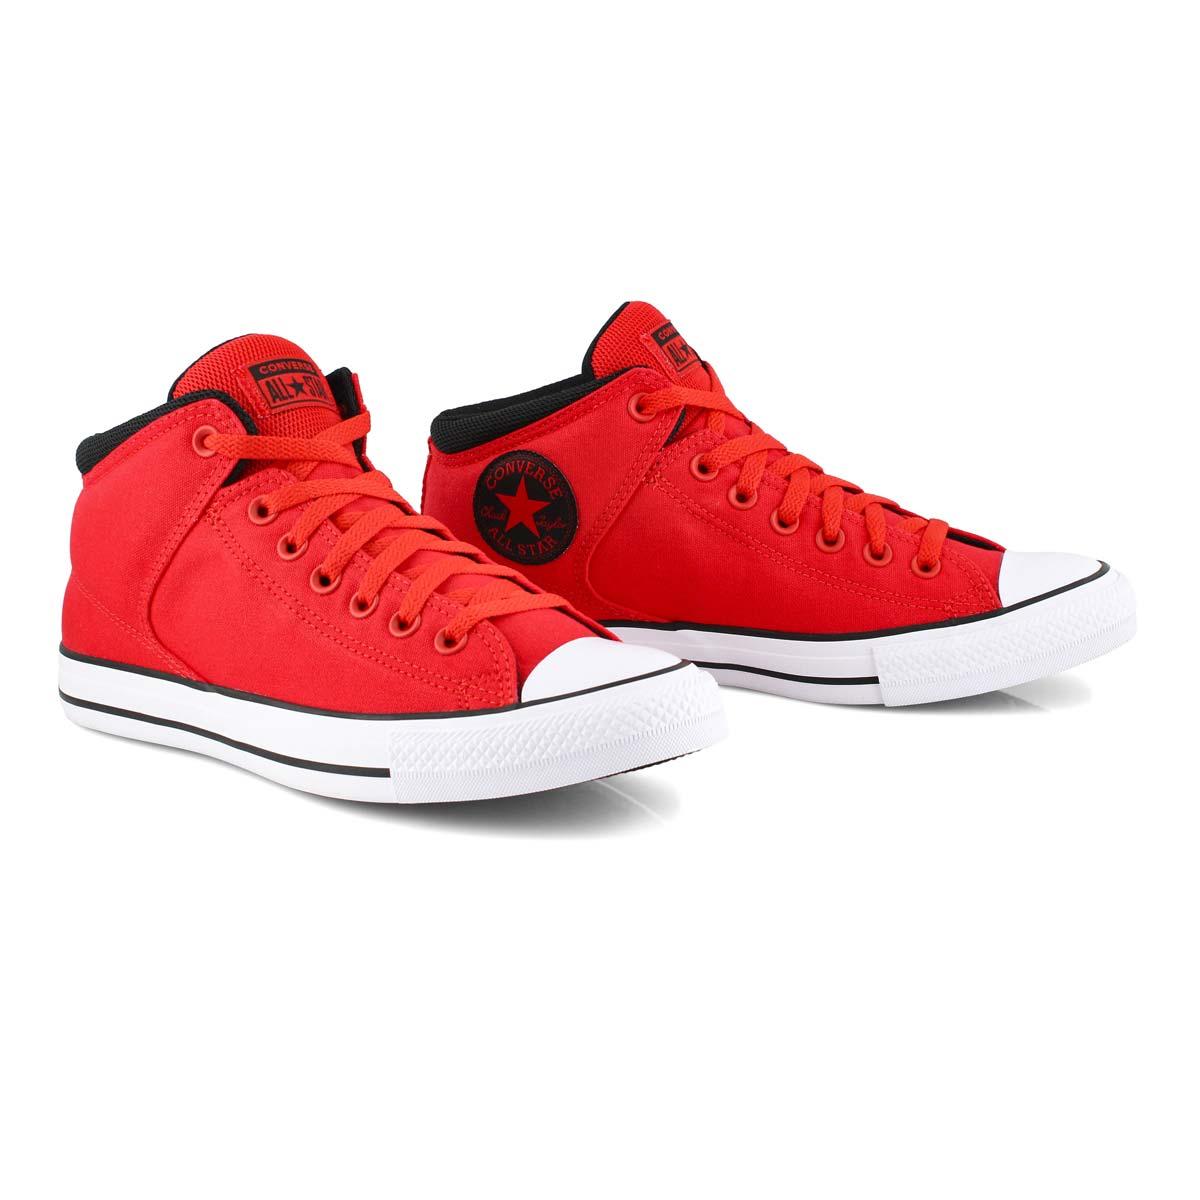 Men's All Star High Street Sneaker - Red